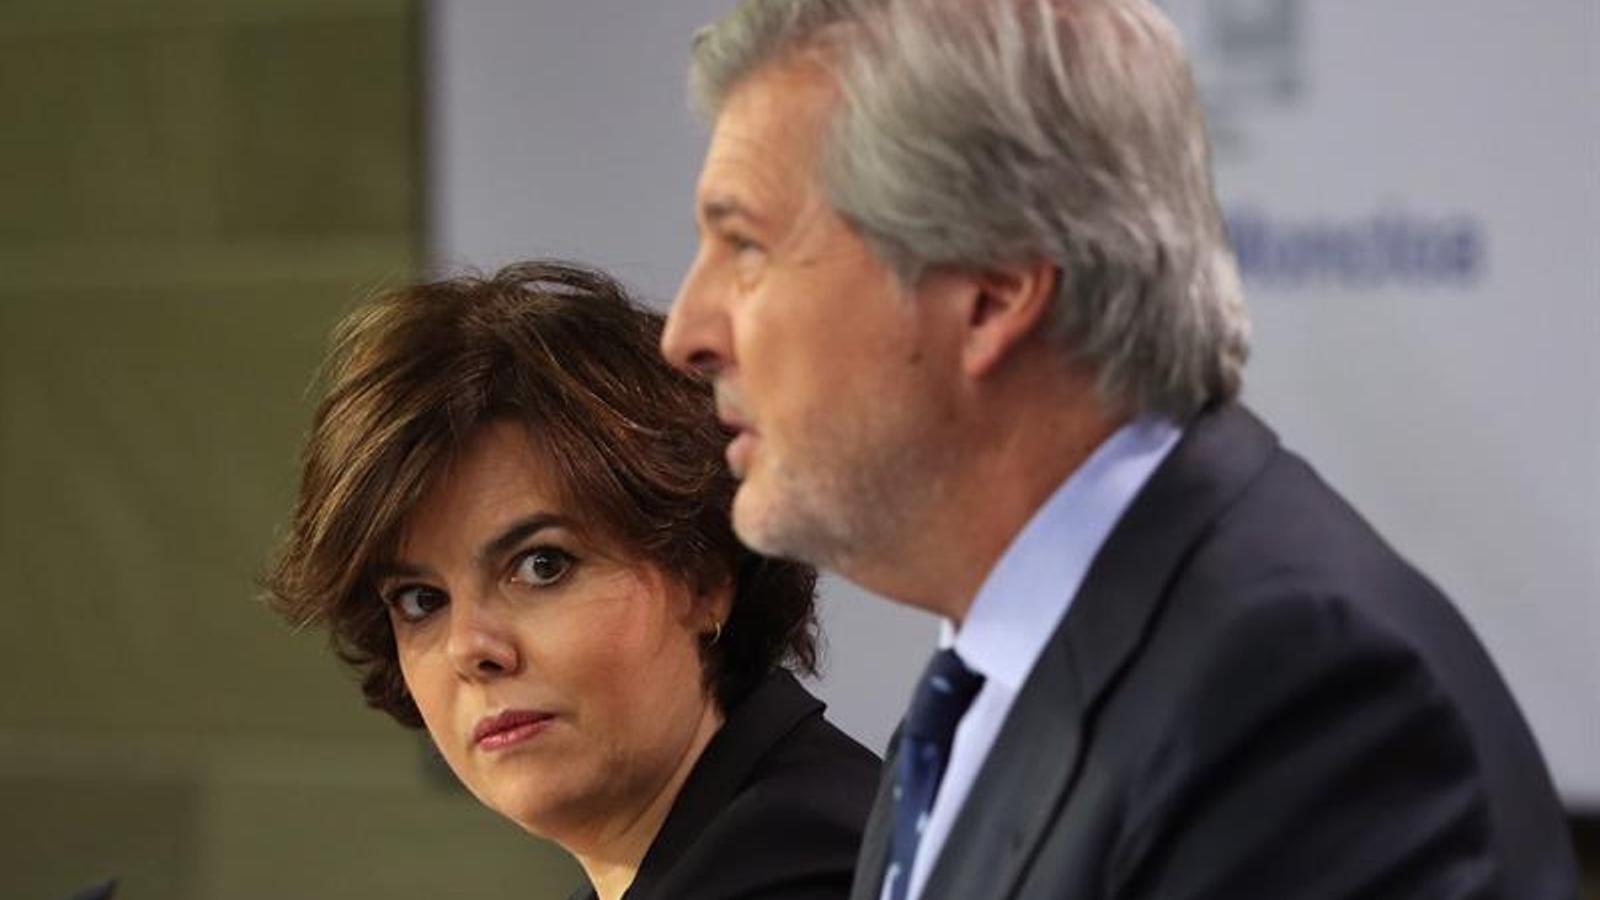 Soraya Sáenz de Santamaría i íñigo Méndez de Vigo, en roda de premsa a la Moncloa